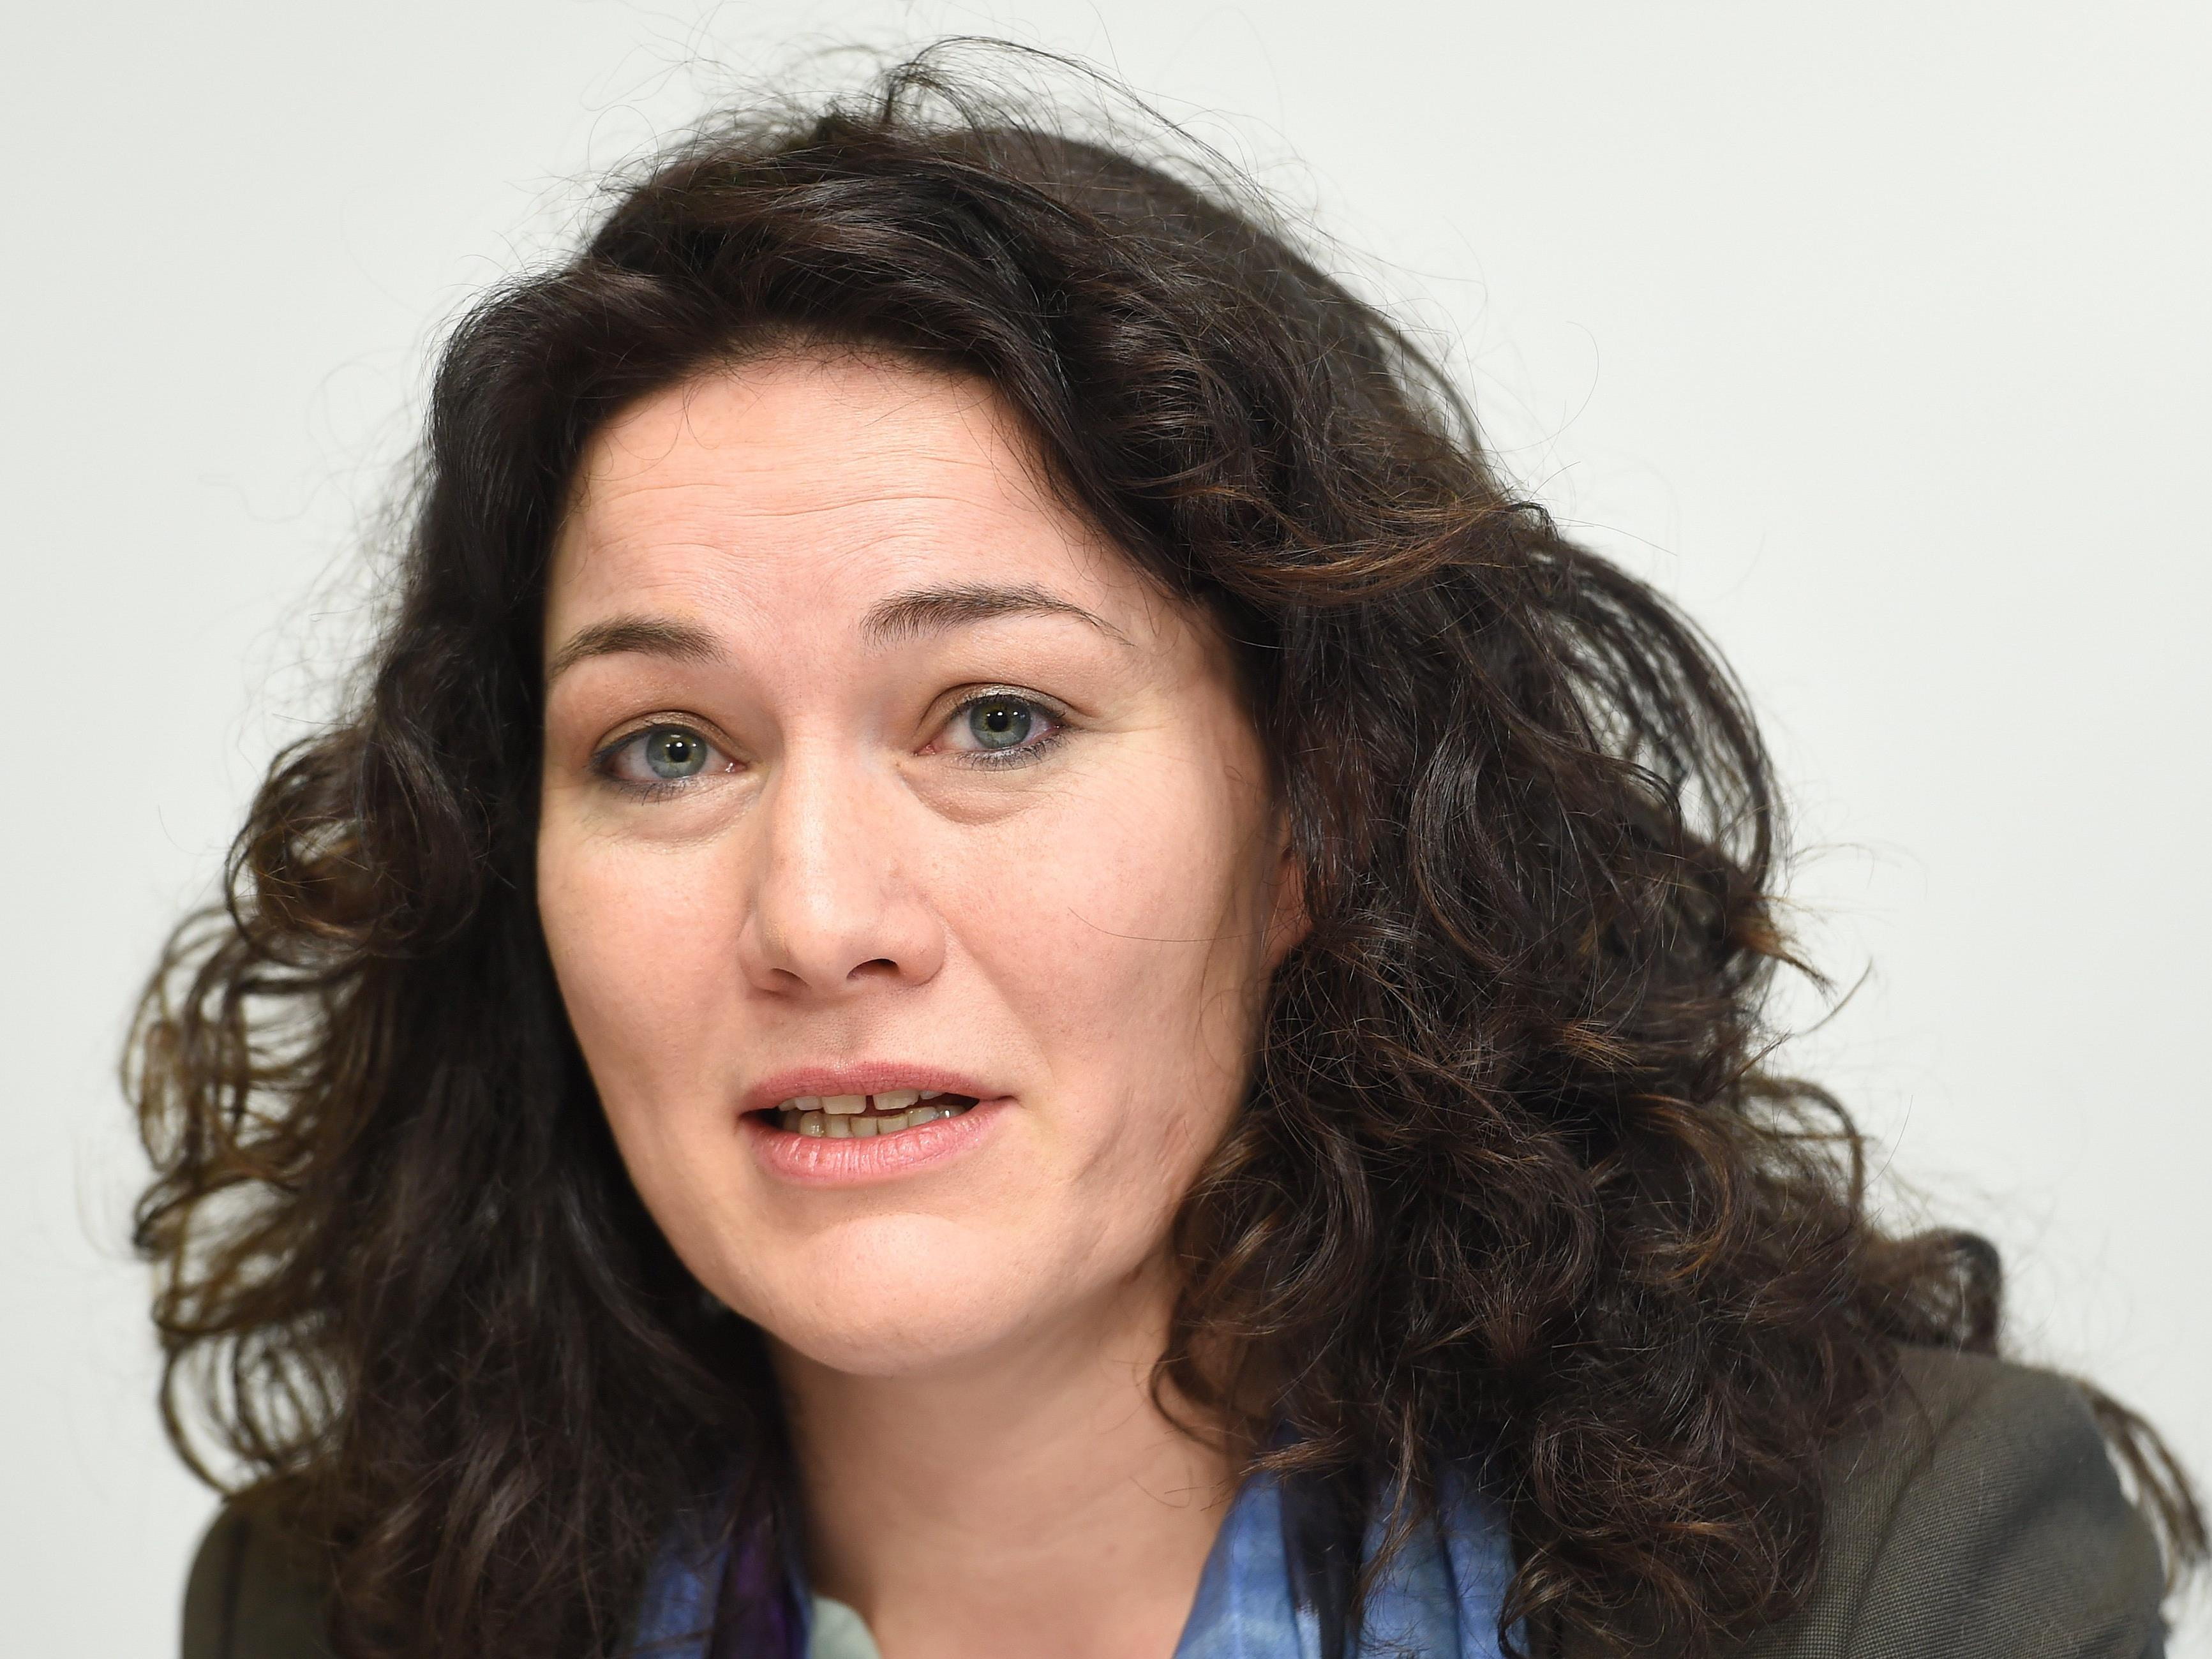 Ingrid Felipe, die neue Bundessprecherin der Grünen.